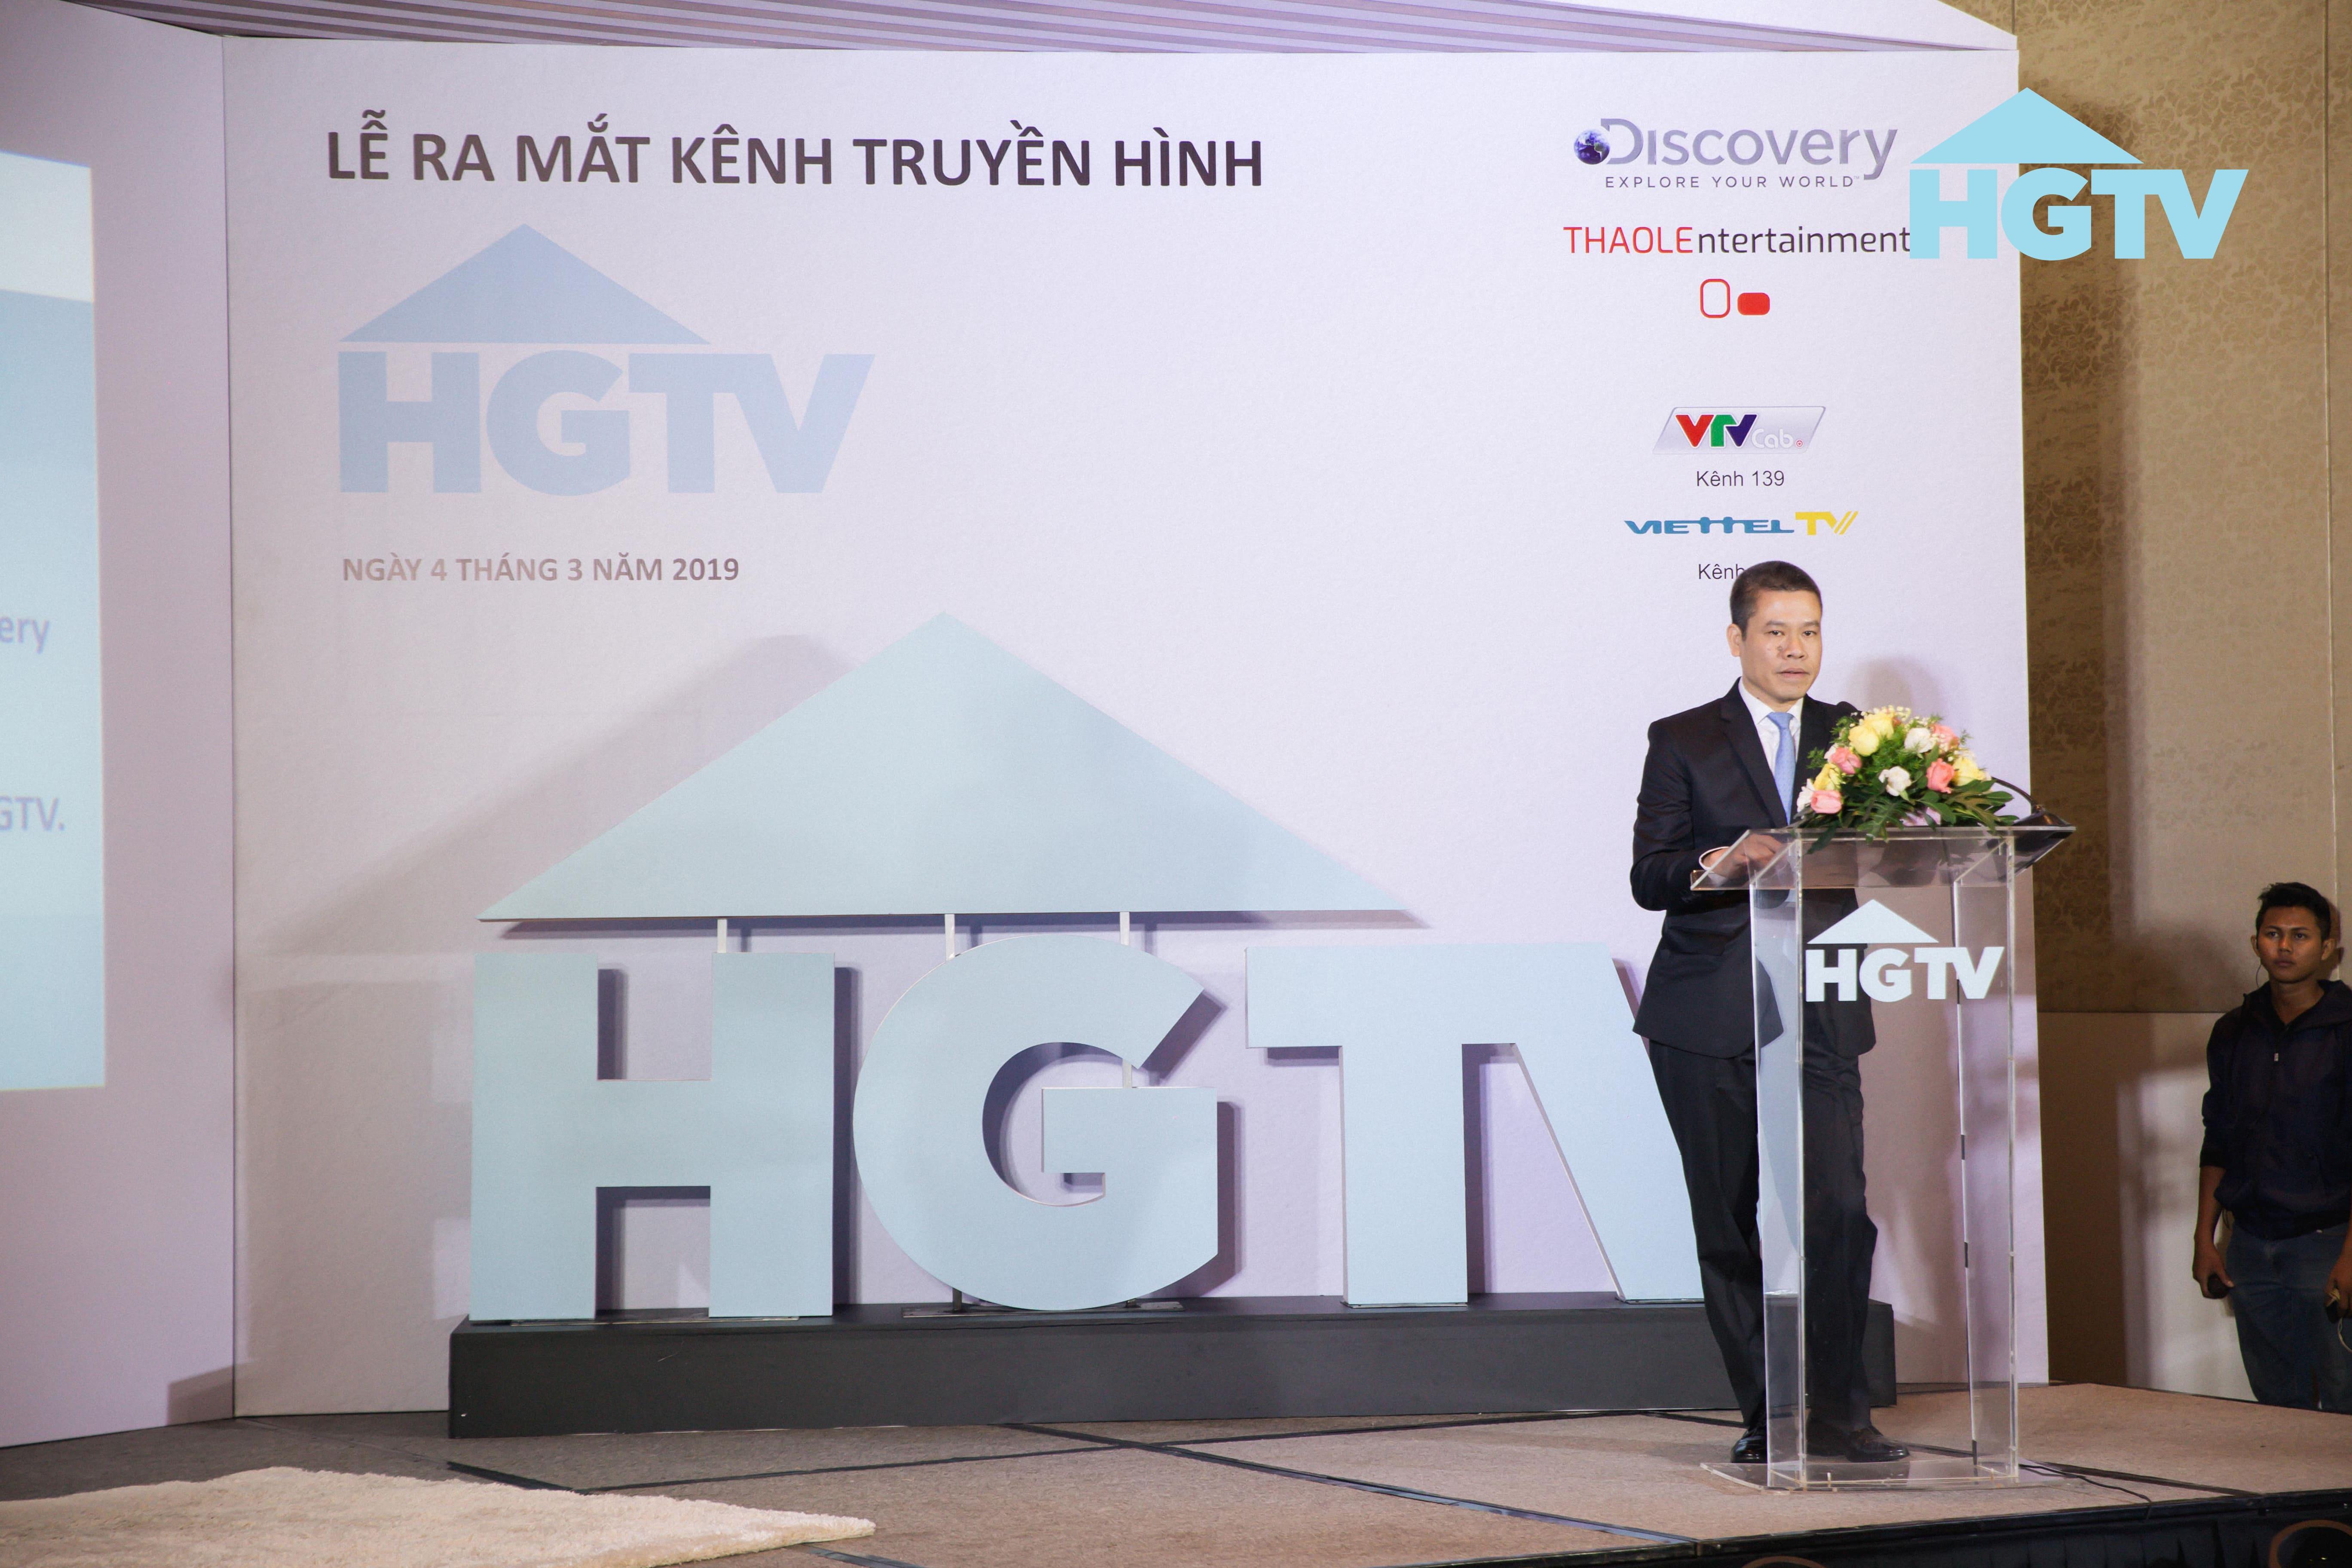 """Discovery Networks """"bắt tay"""" công ty giải trí Thảo Lê ra mắt kênh truyền hình HGTV 6"""